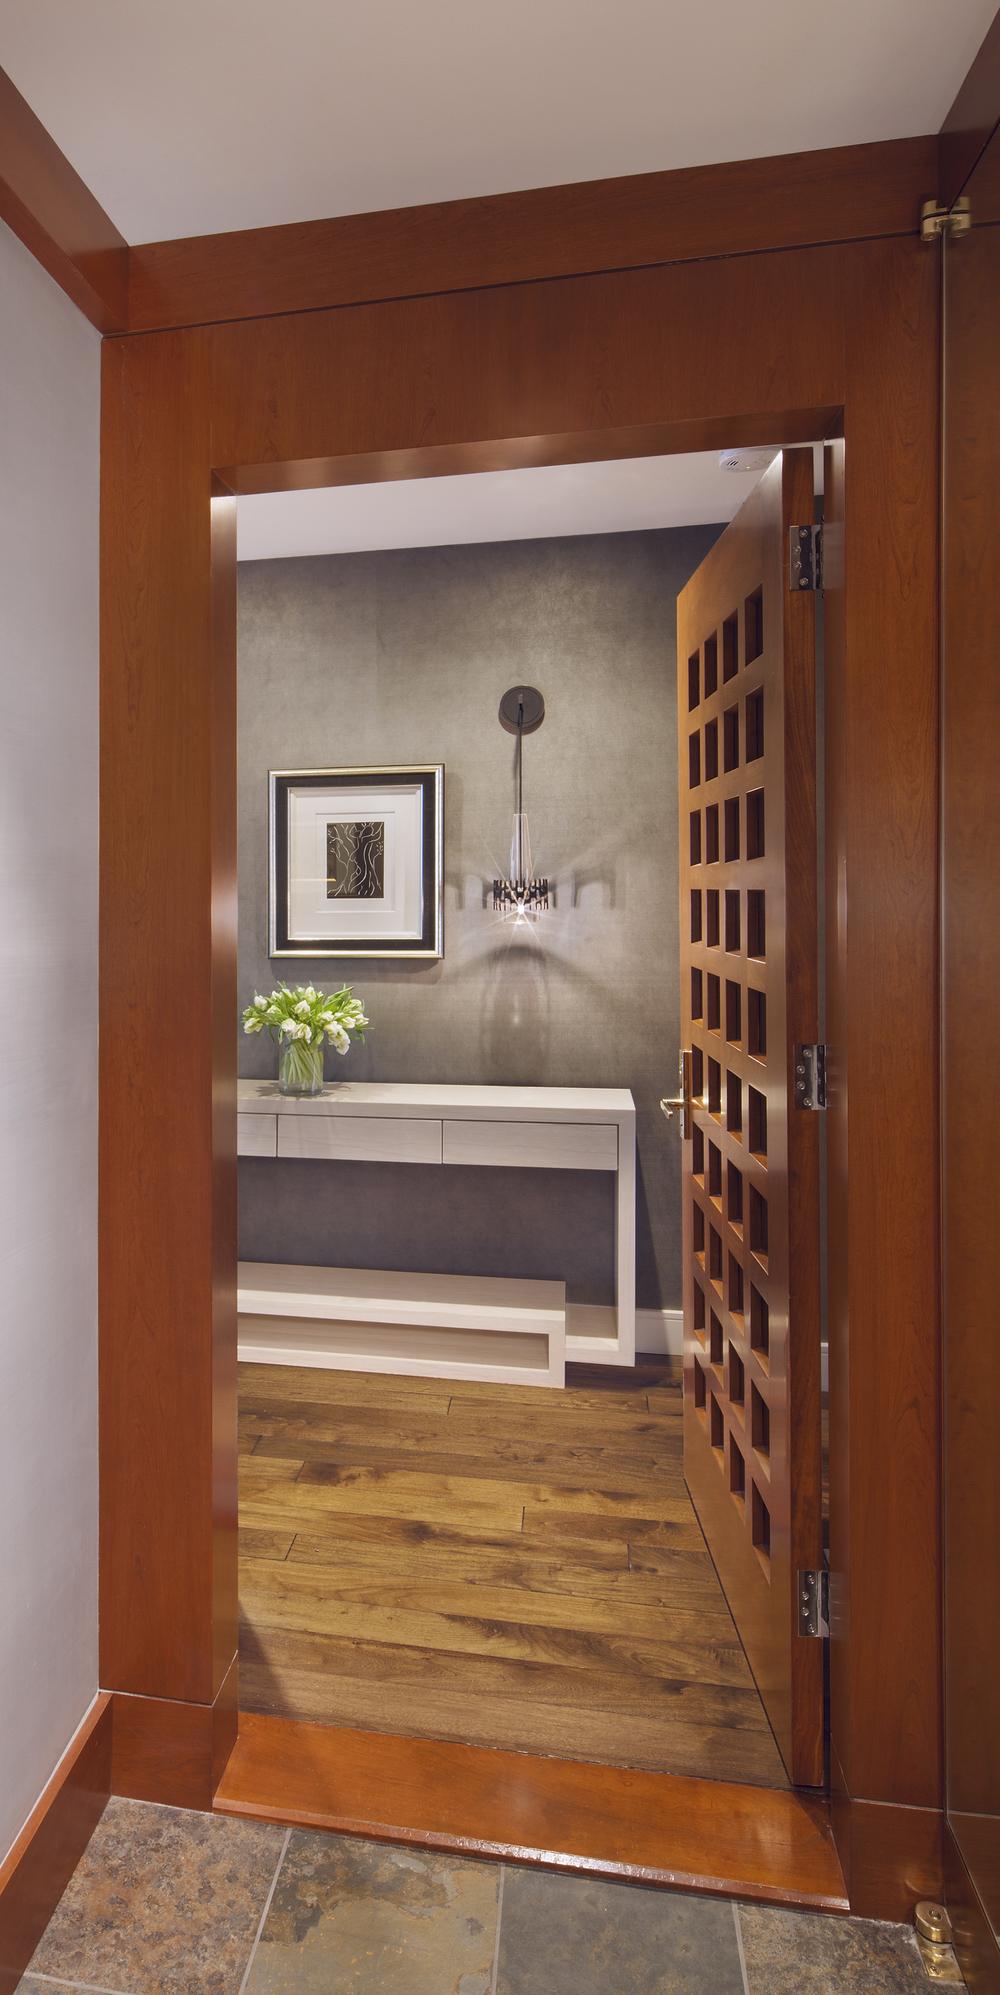 Private Residence. Tobin Parnes Design. New York. Residential. Entry.